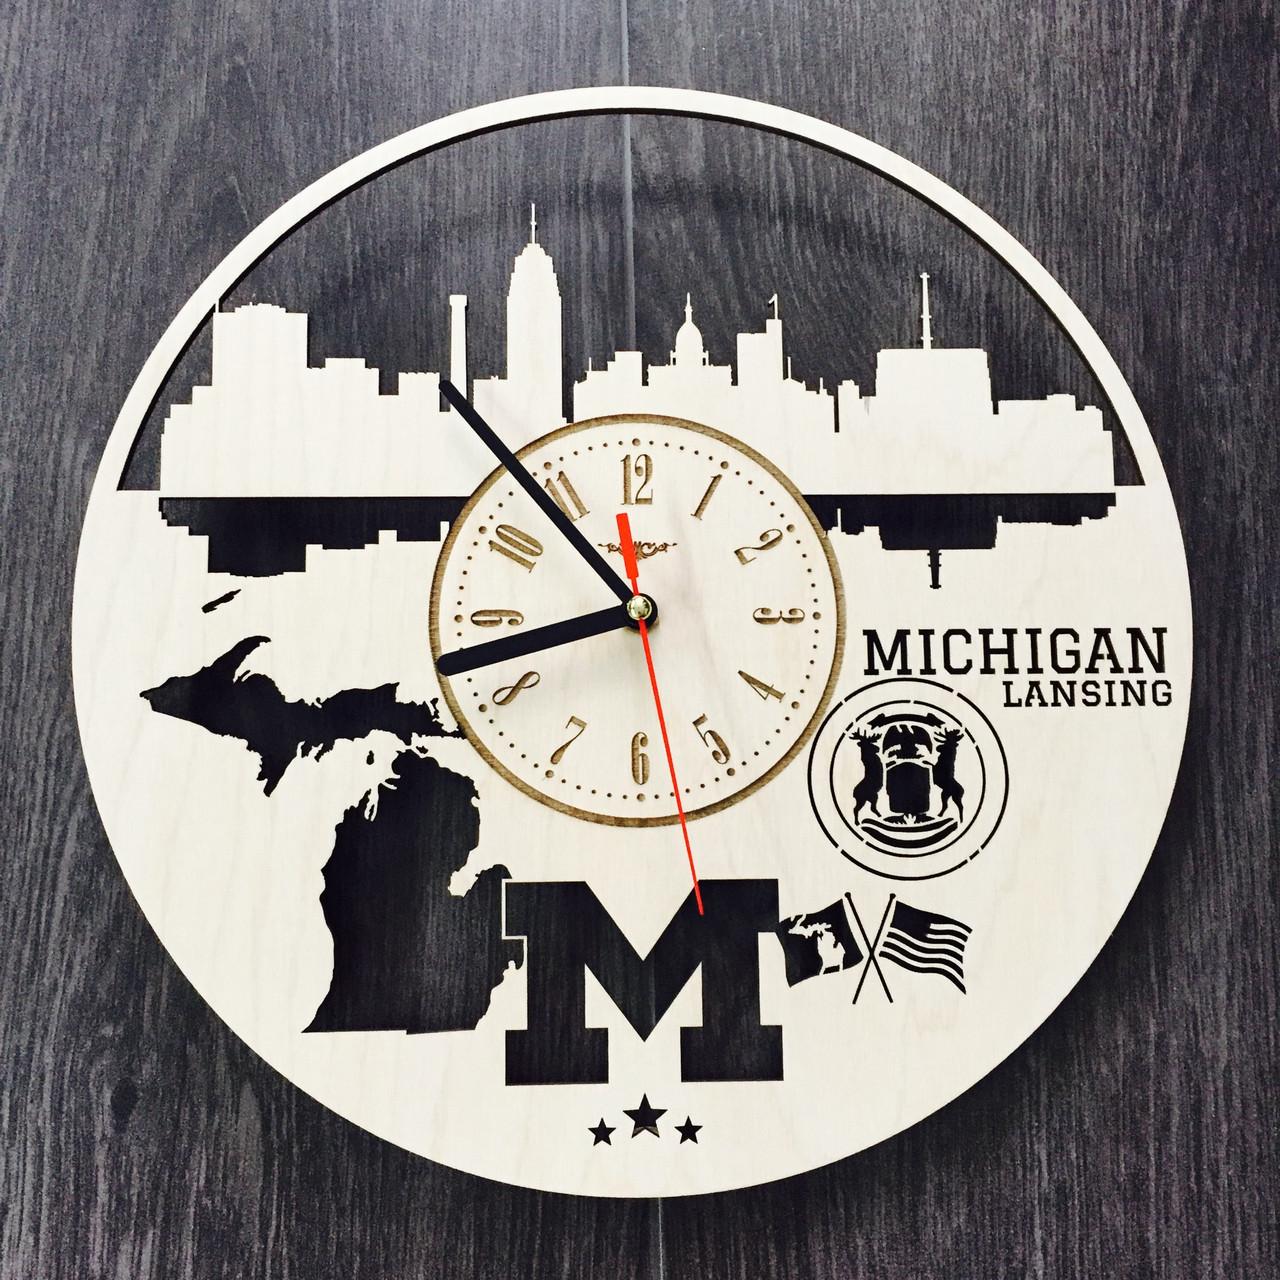 Дизайнерські годинники на стіну 7Arts Лансінг, штат Мічіган CL-0116